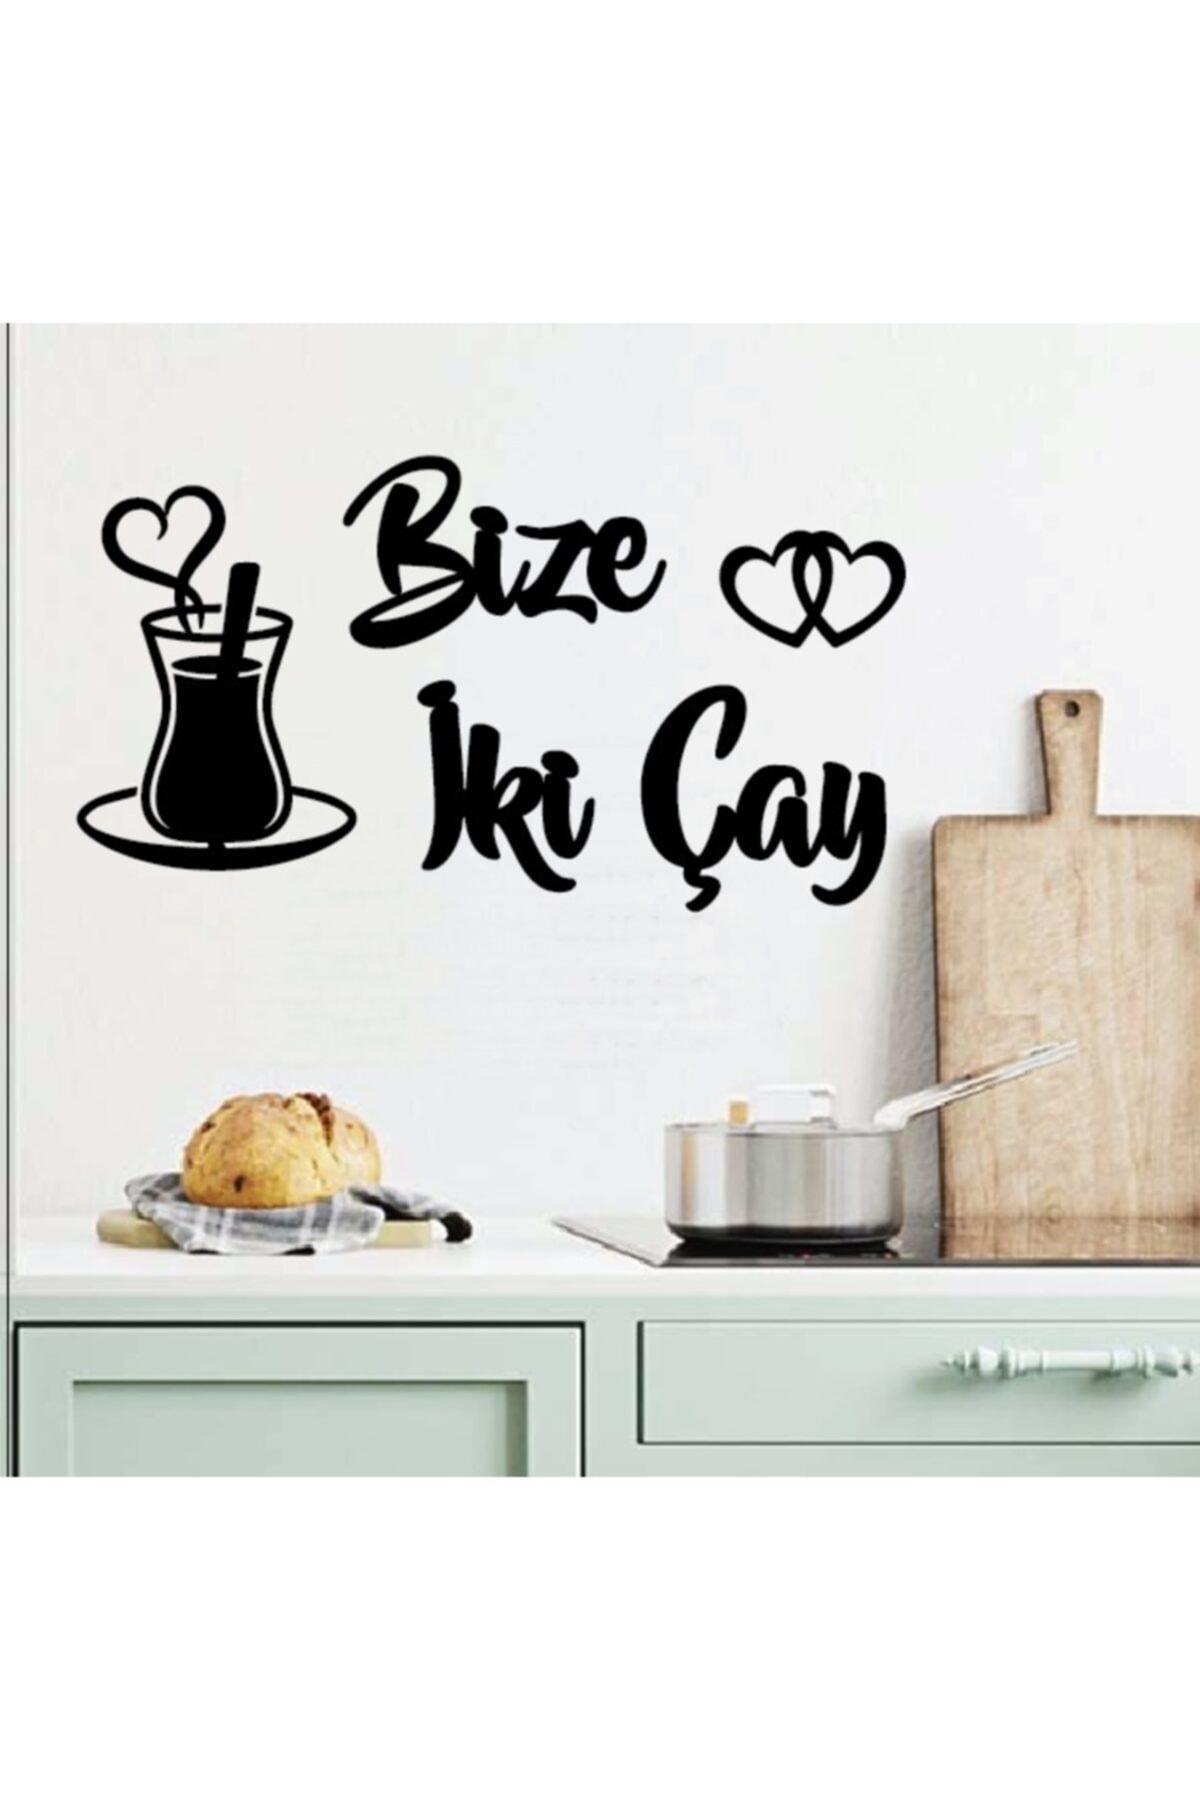 Bize Iki Çay 25x15cm Duvar Yazısı Çay Mutfak Süsü Yapışkanlı Motto Mutfak Dekoru Hediyelik Süsler